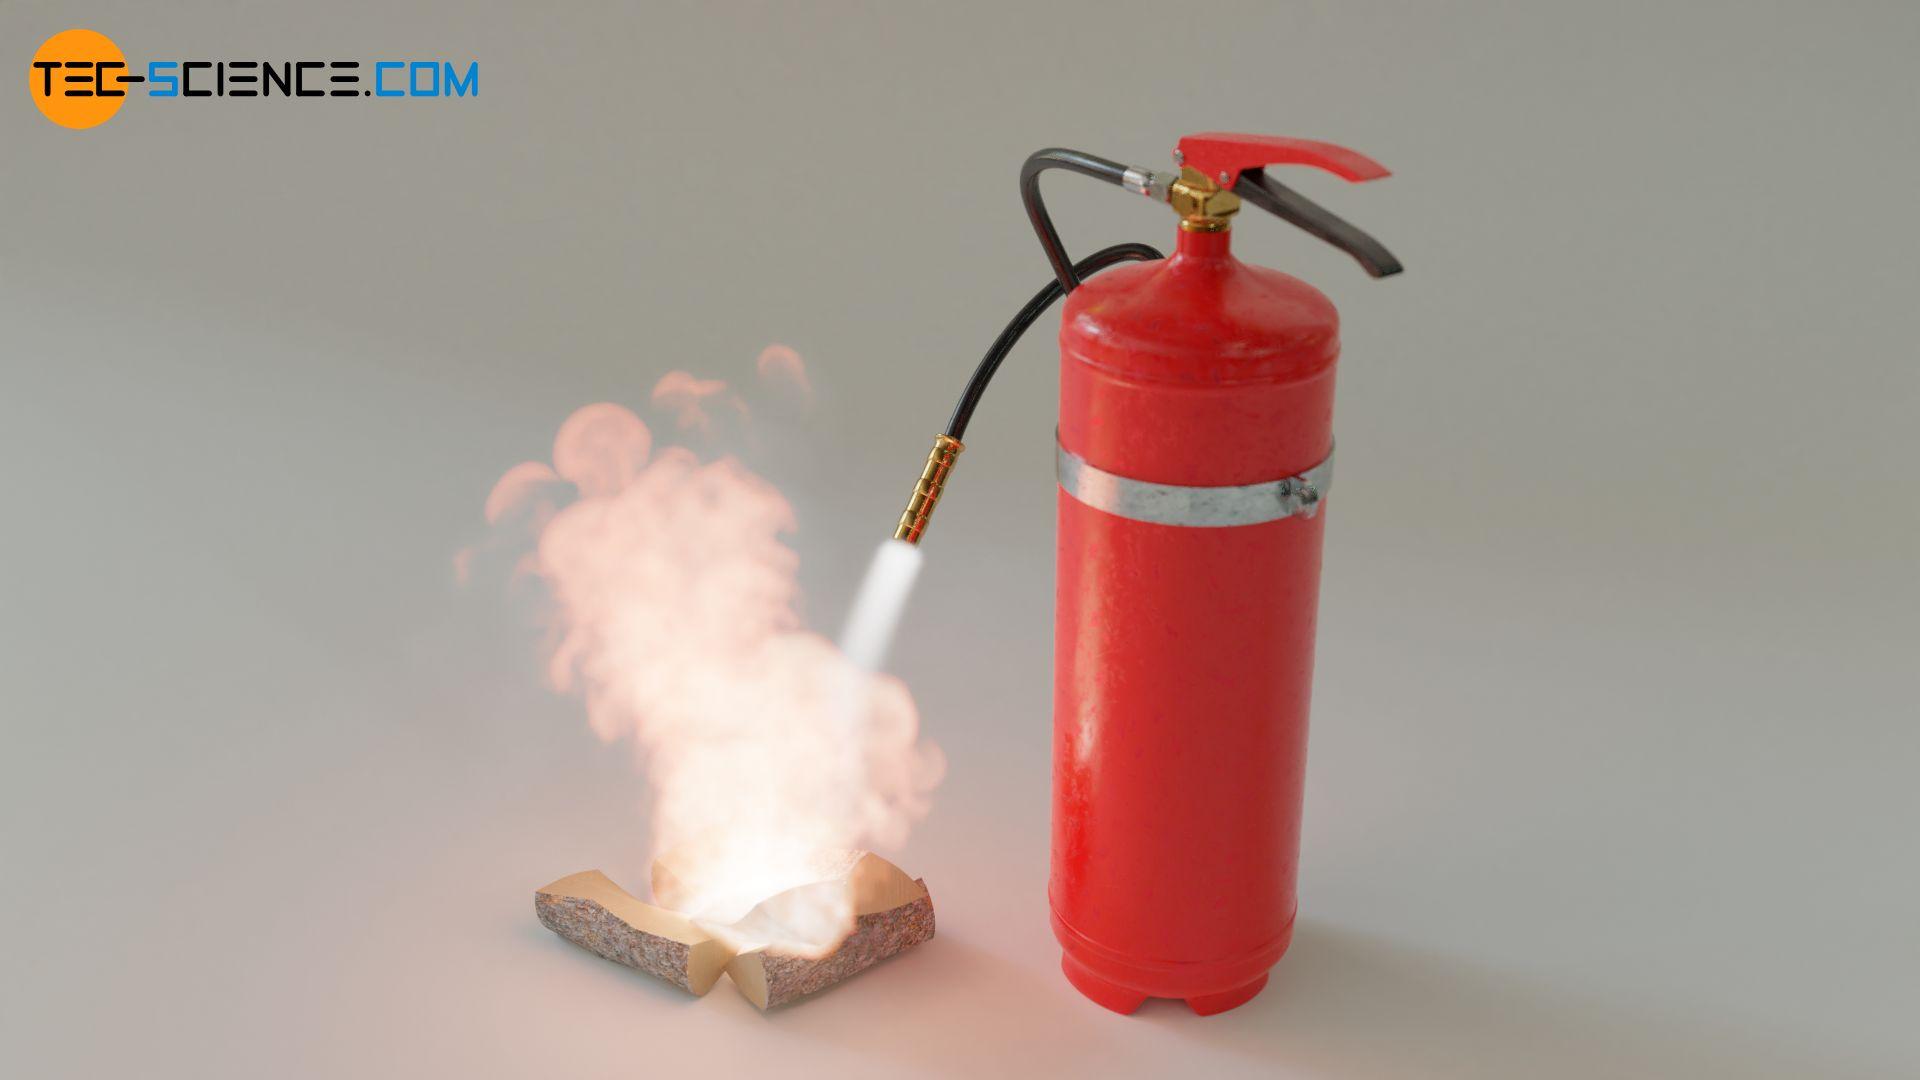 Löschen eines Feuers durch Wasser mit einem Feuerlöscher